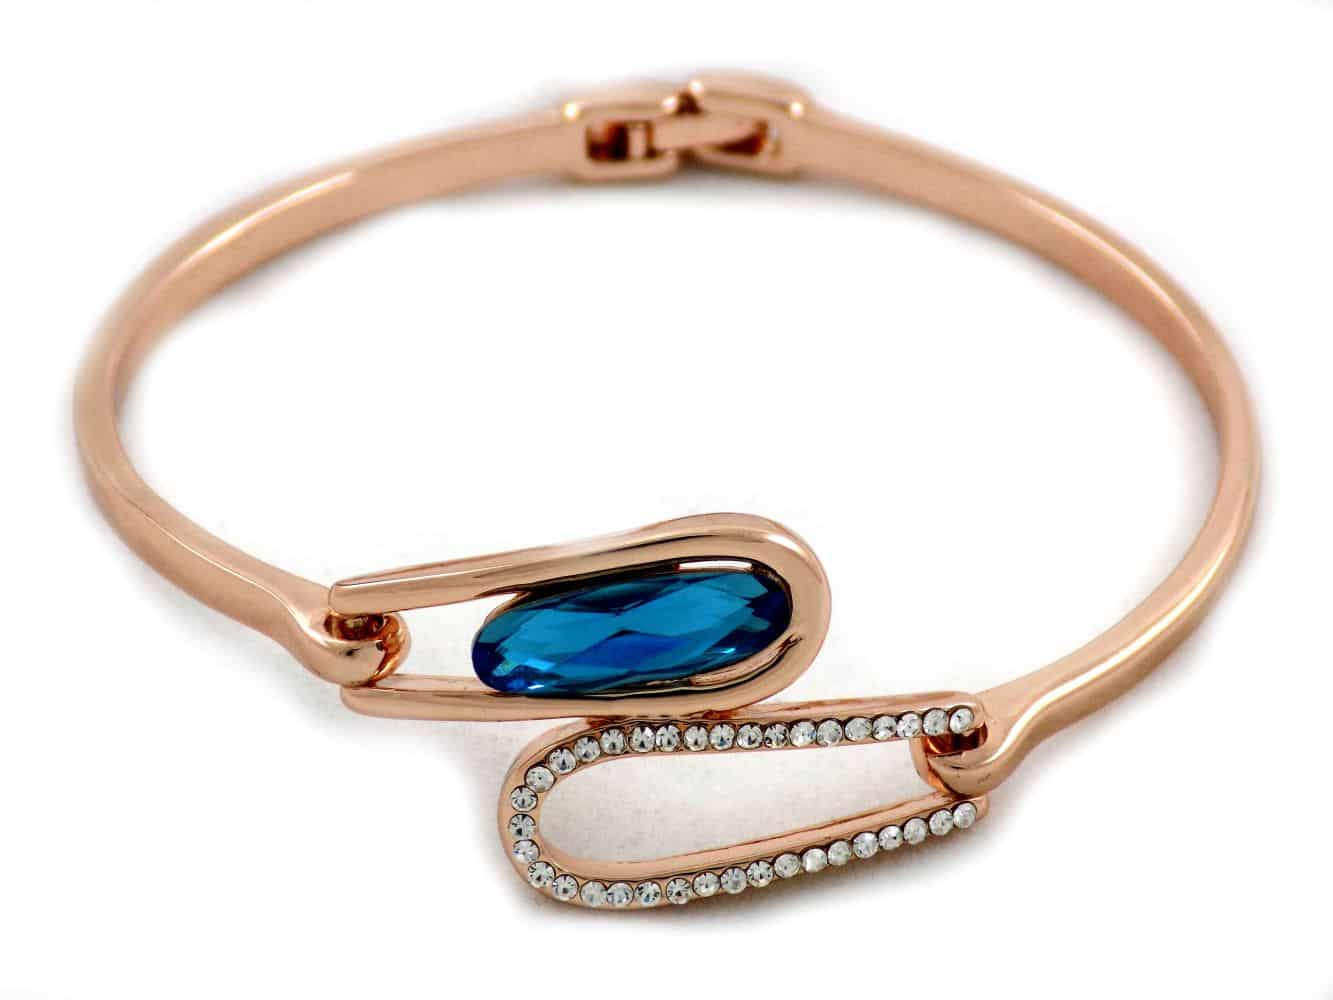 دستبند دخترانه جواهری رزگلد کلیو با نگین های سواروسکی اصل ds-n195 از نمای پایین